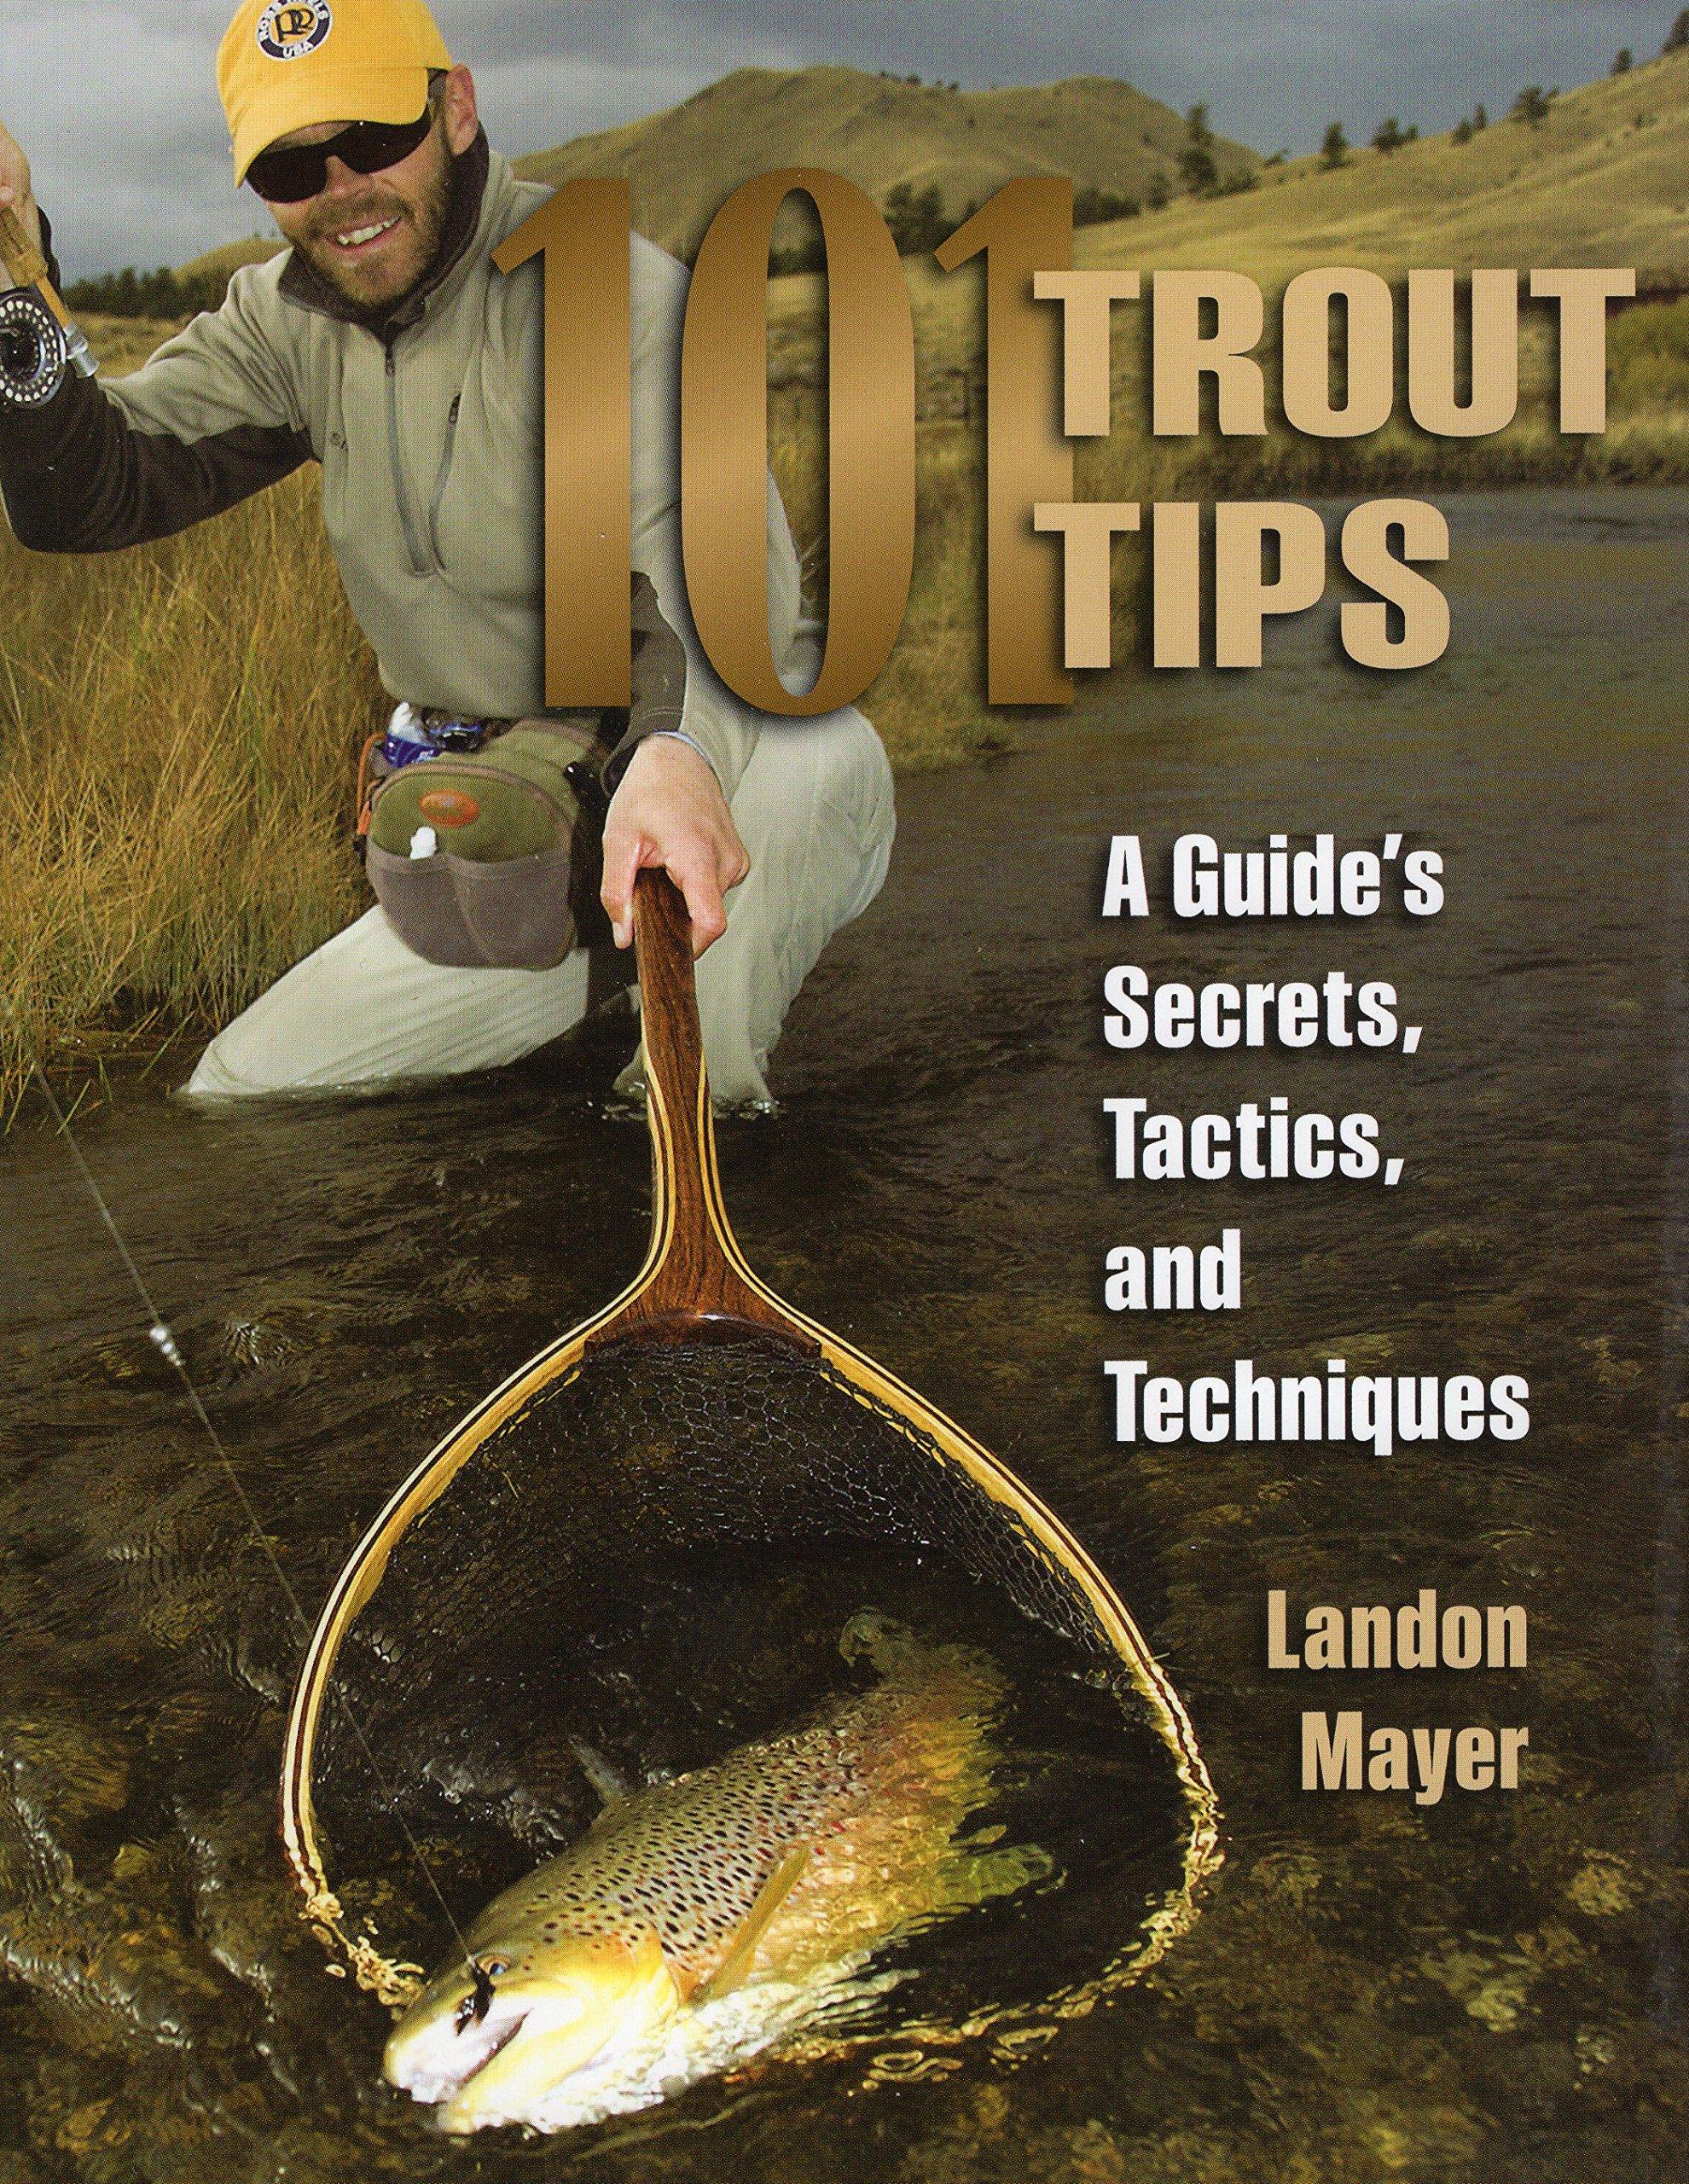 101 Trout Tips: A Guide's Secrets, Tactics, and Techniques: Landon Mayer:  0011557014747: Amazon.com: Books